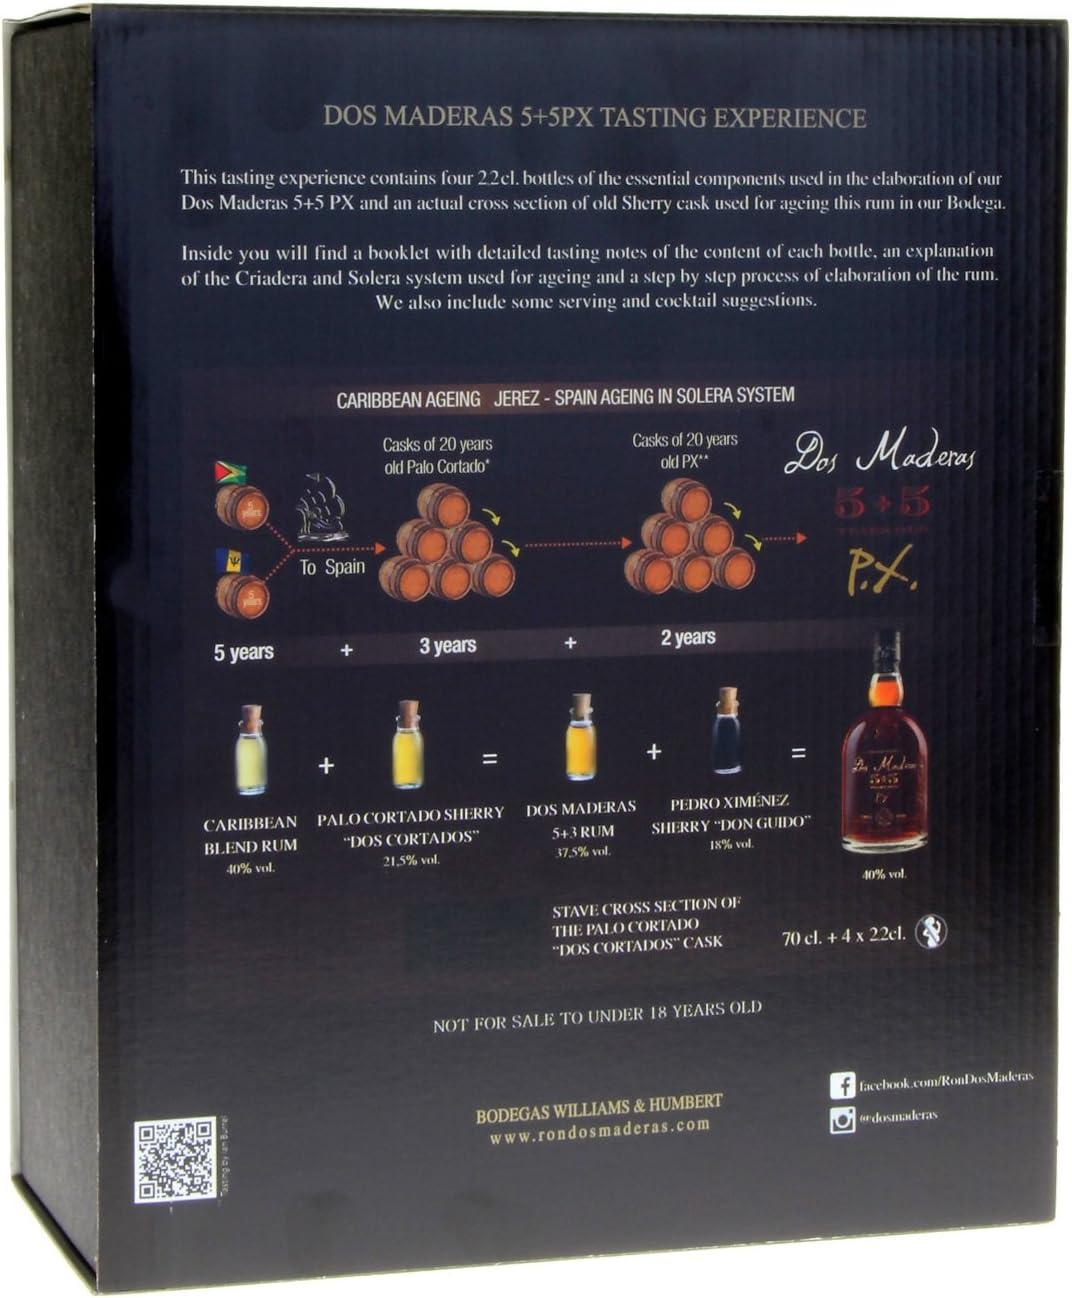 Dos Cortados Palo Cortado - 500 ml: Amazon.es: Alimentación y ...